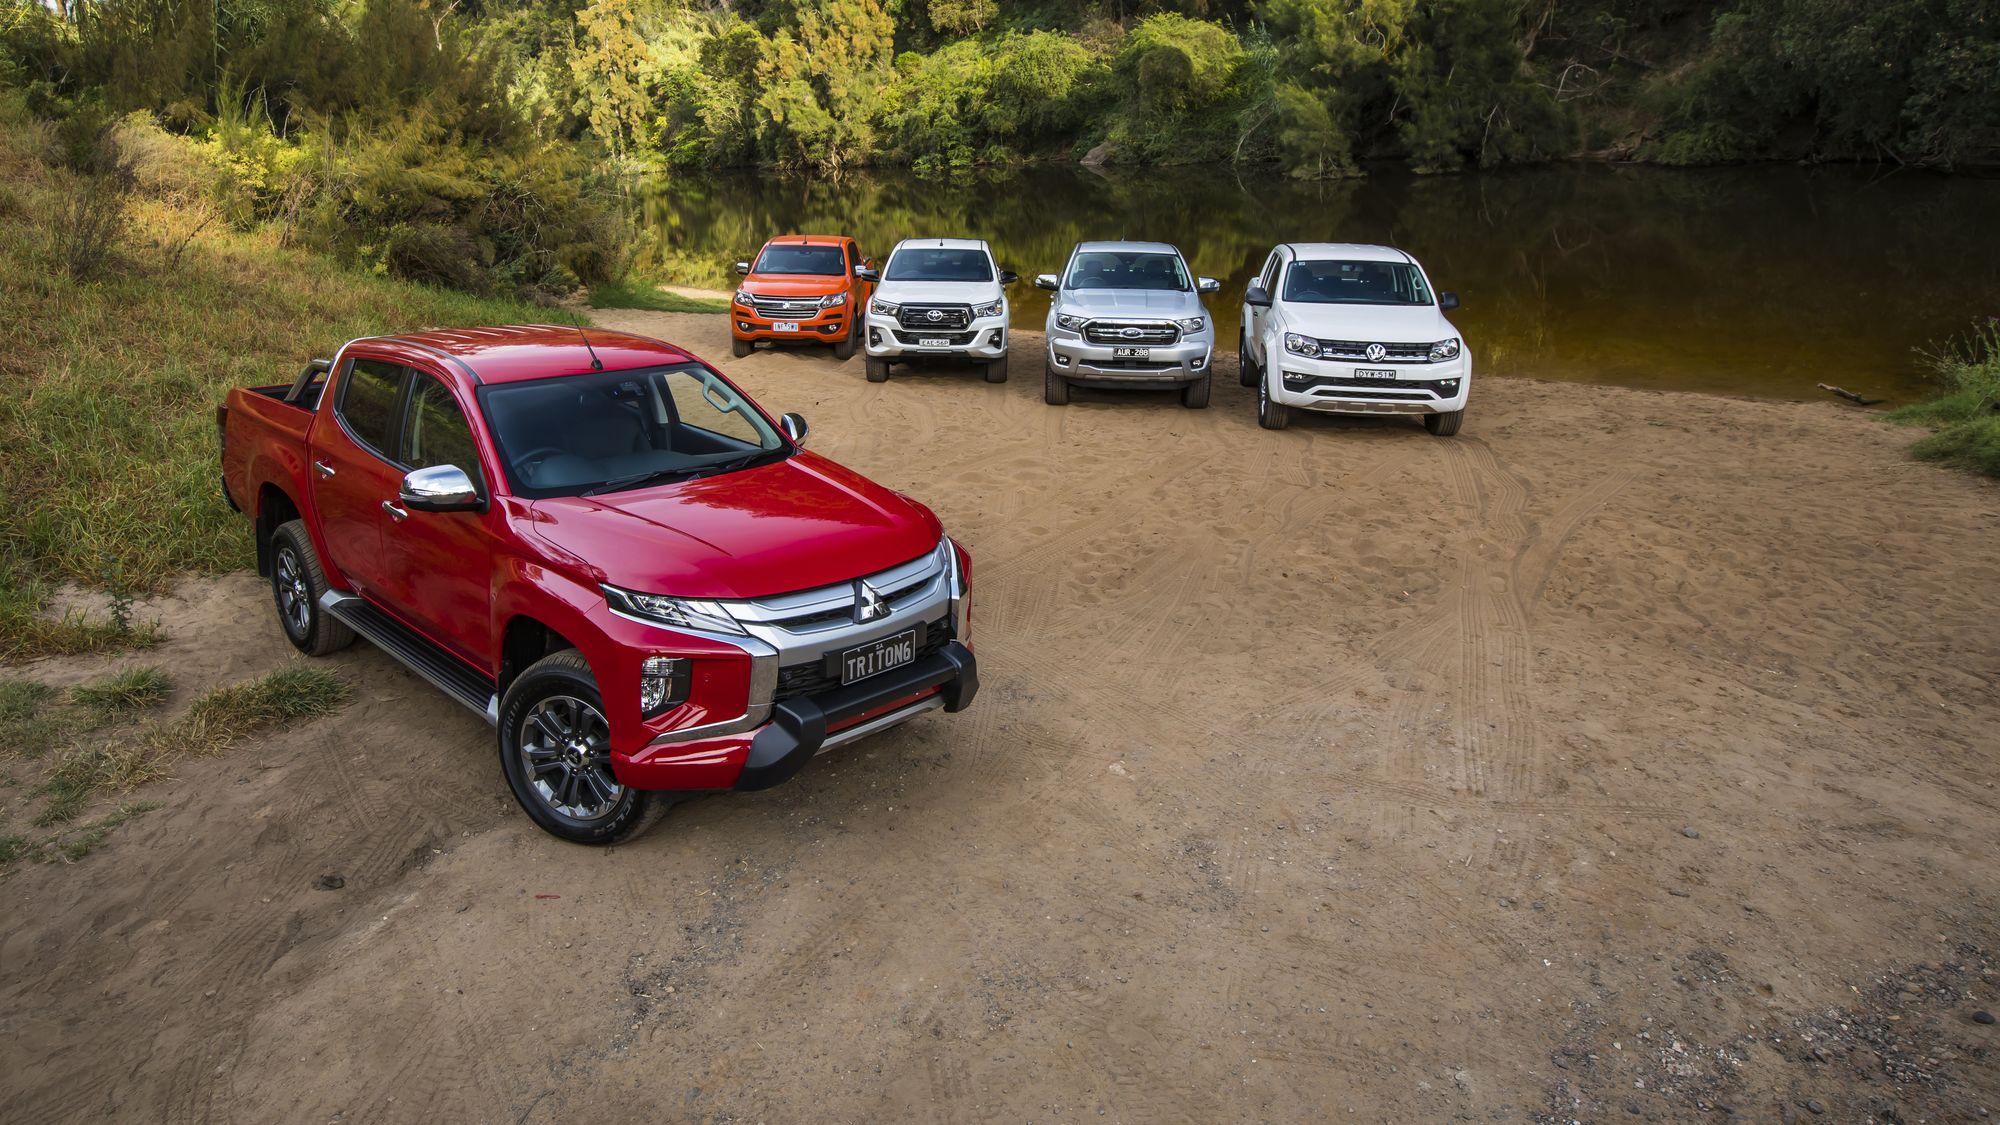 Dual-cab comparo: Ranger v Hilux v Triton v Colorado v